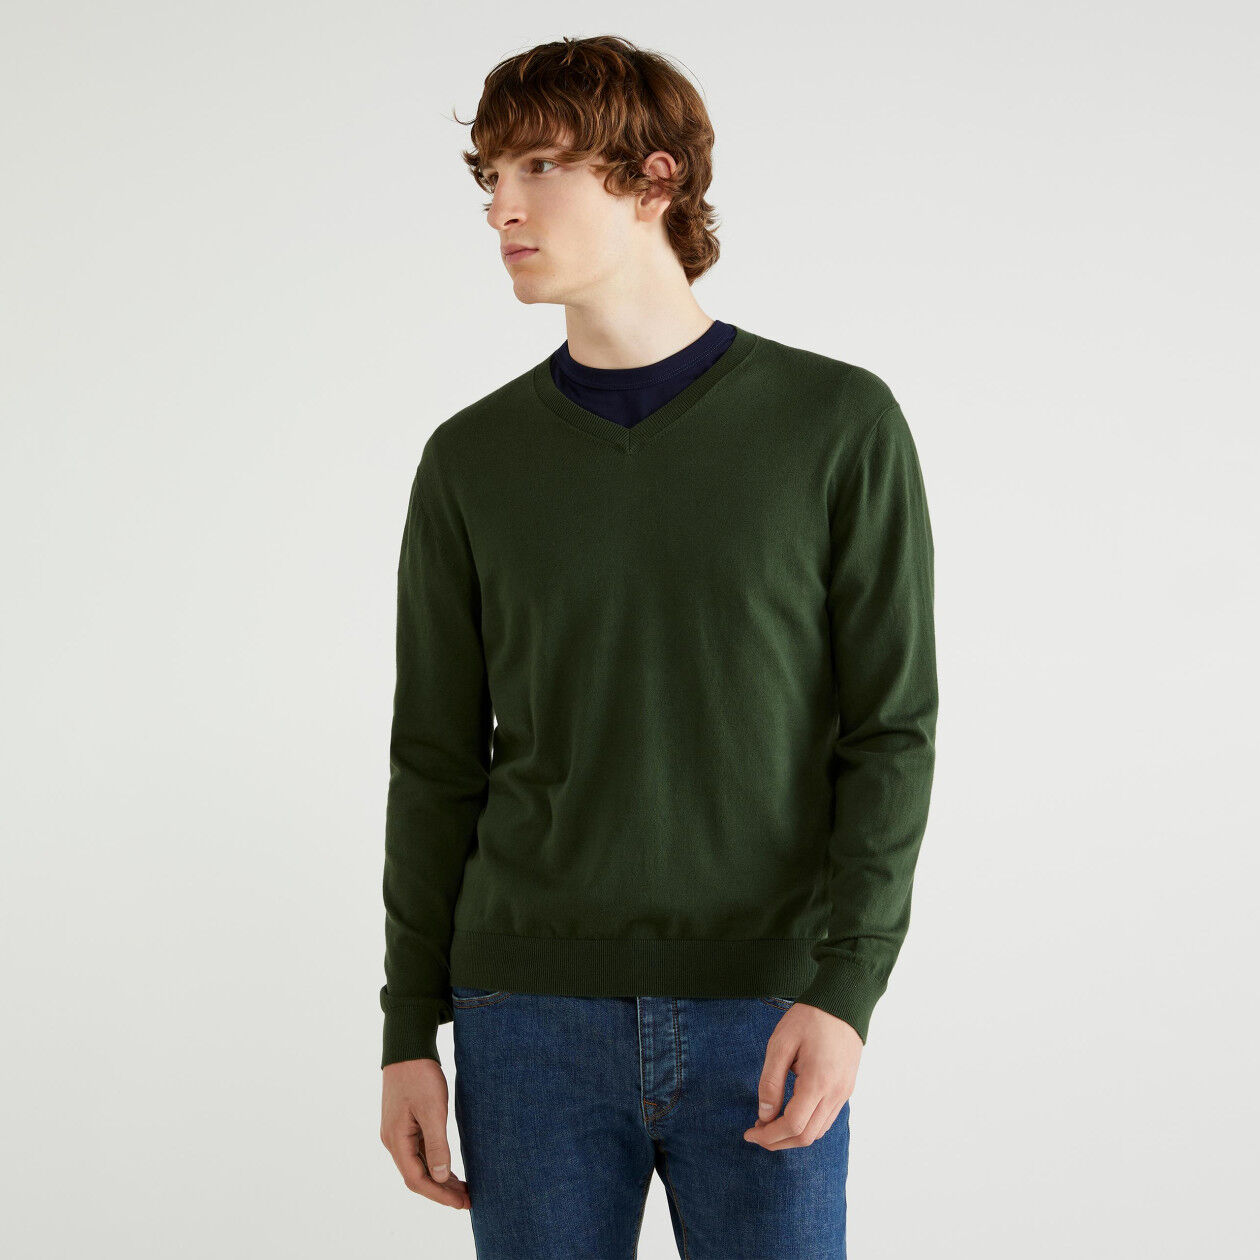 Jersey de algodón tricot con escote de pico